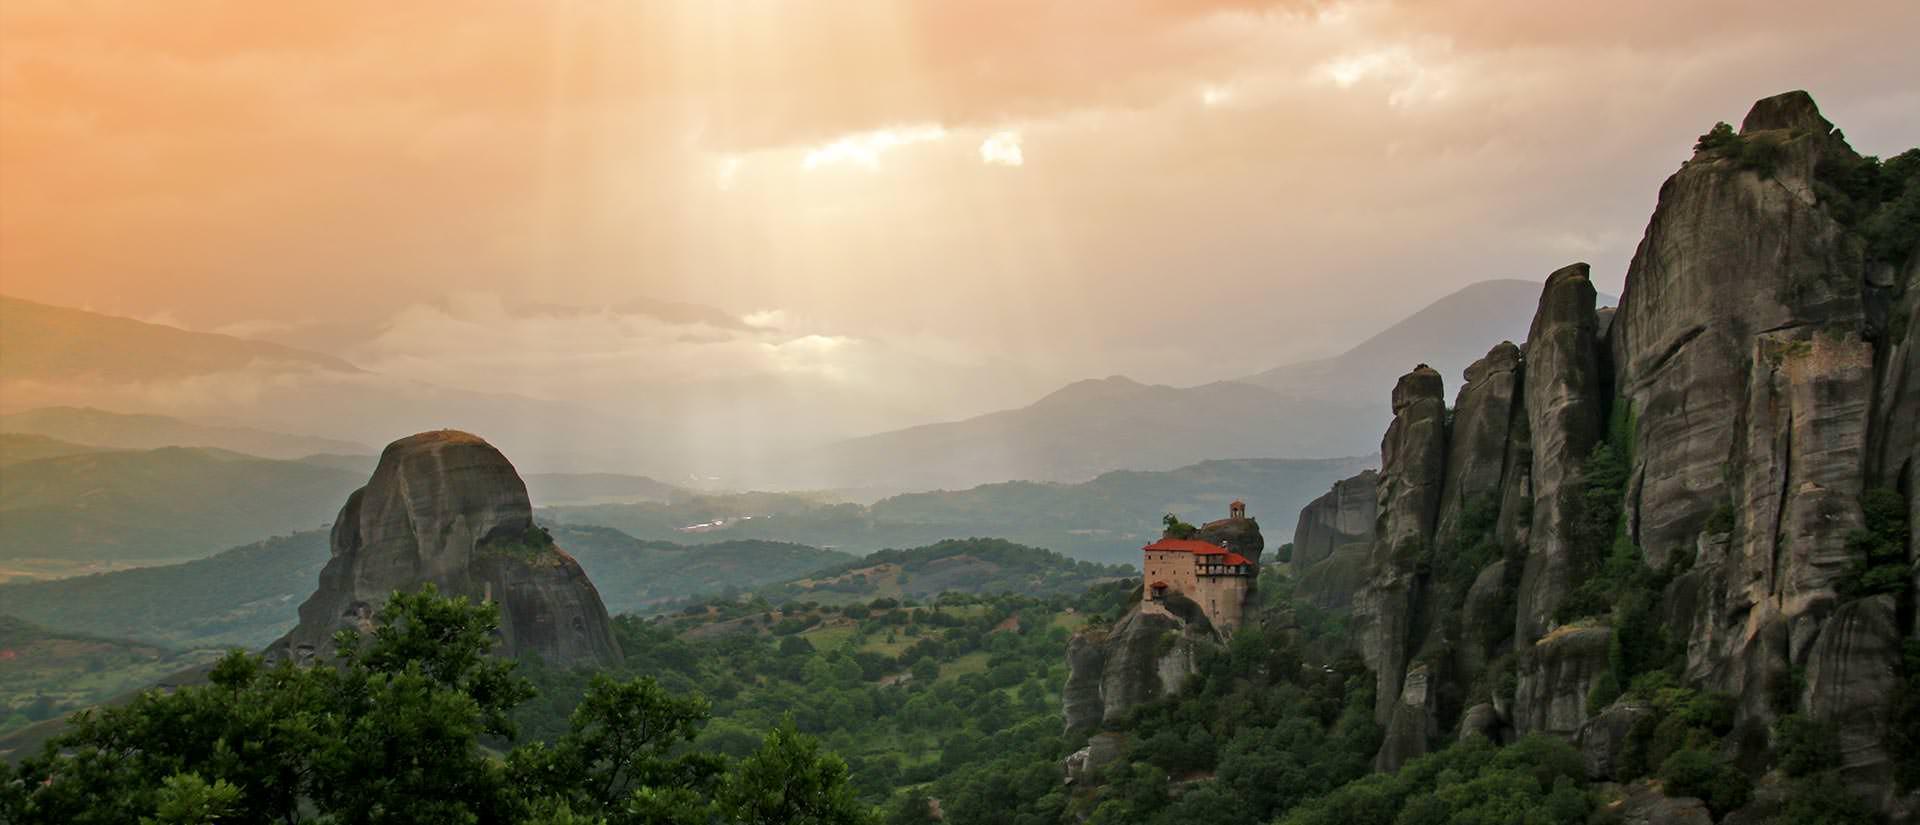 טיול ליוון - 10 ימים - מסלוניקי לאתונה דרך חבלי הארץ איפירוס ואבריטניה, היפים ביוון